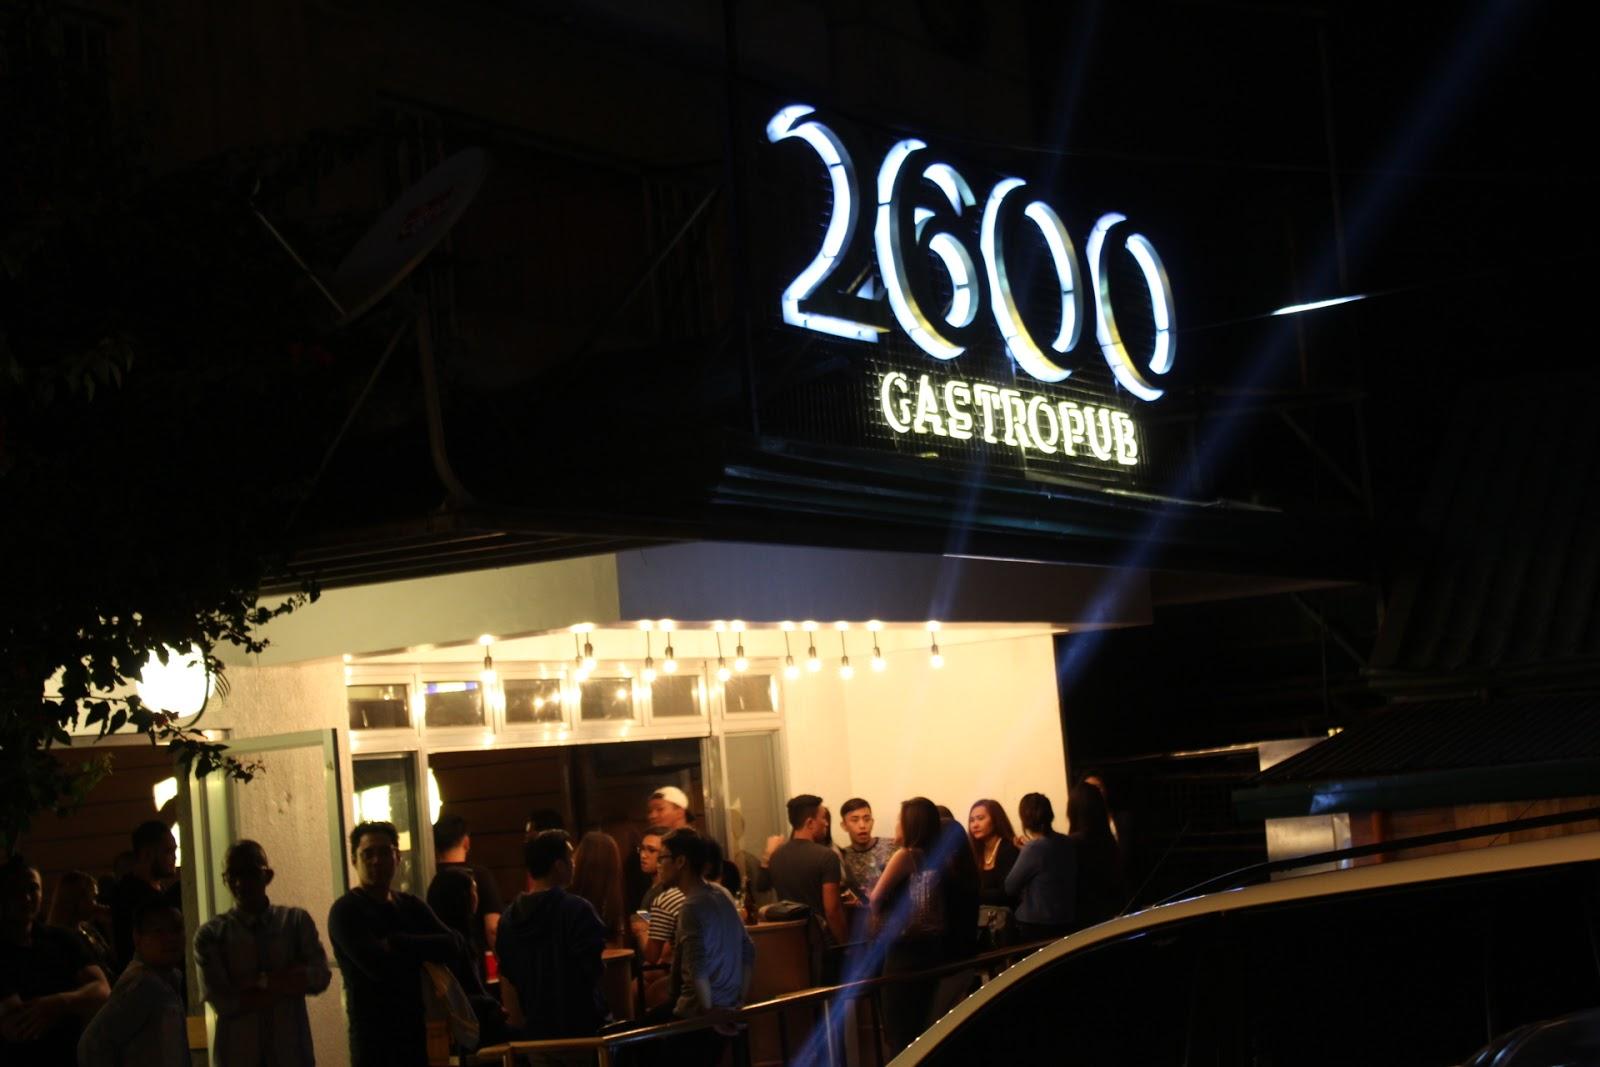 2600 GASTROPUB IN BAGUIO